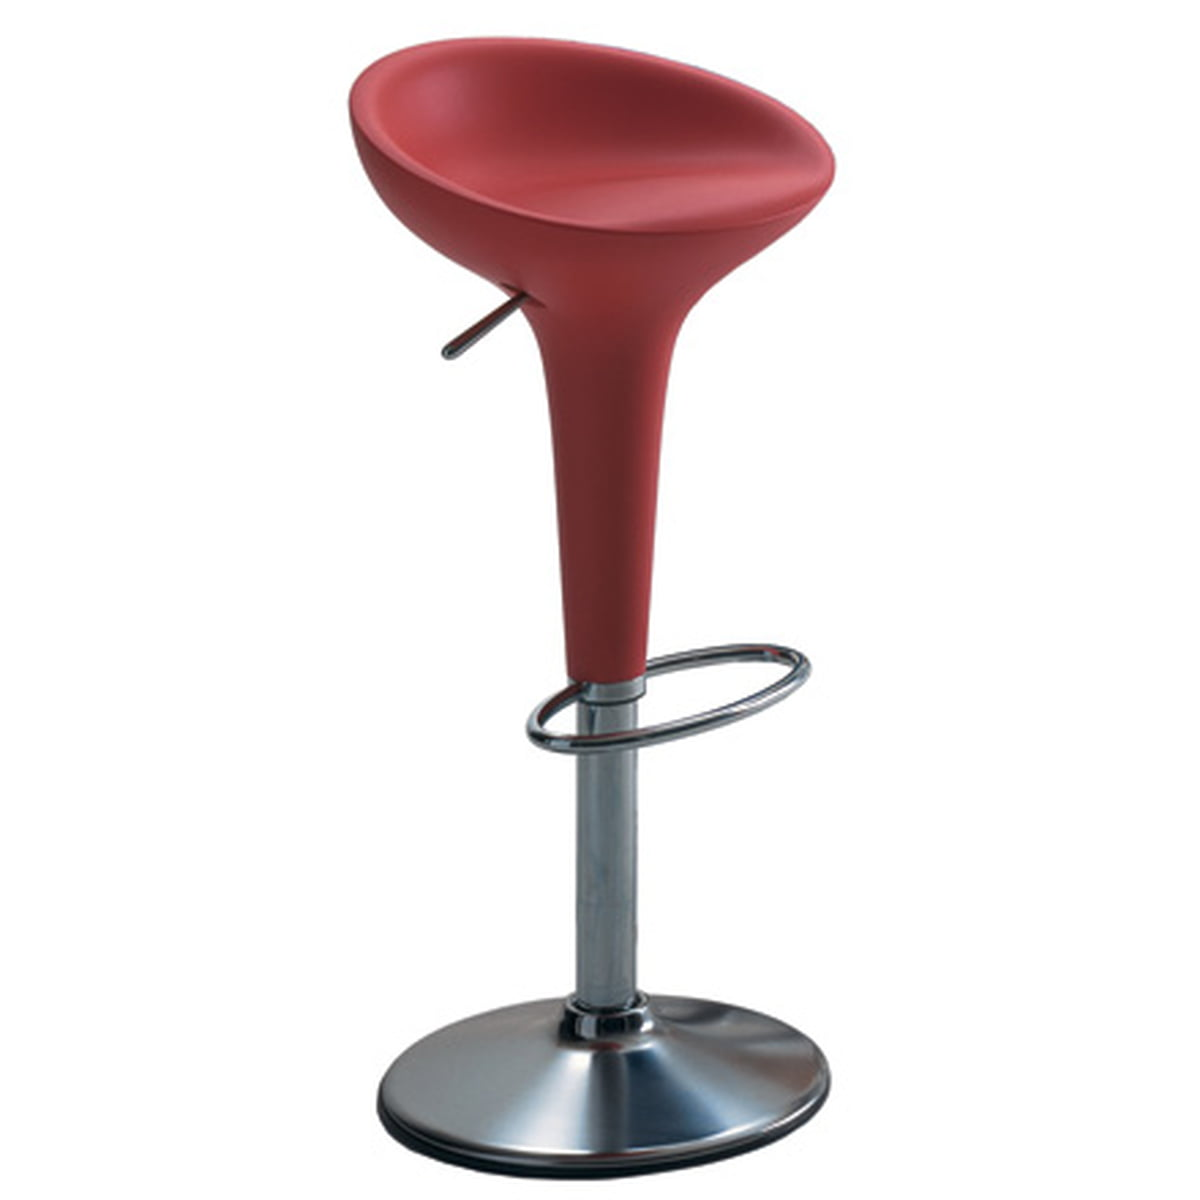 aa69d118cabd Magis Bombo Stool - height adjustable